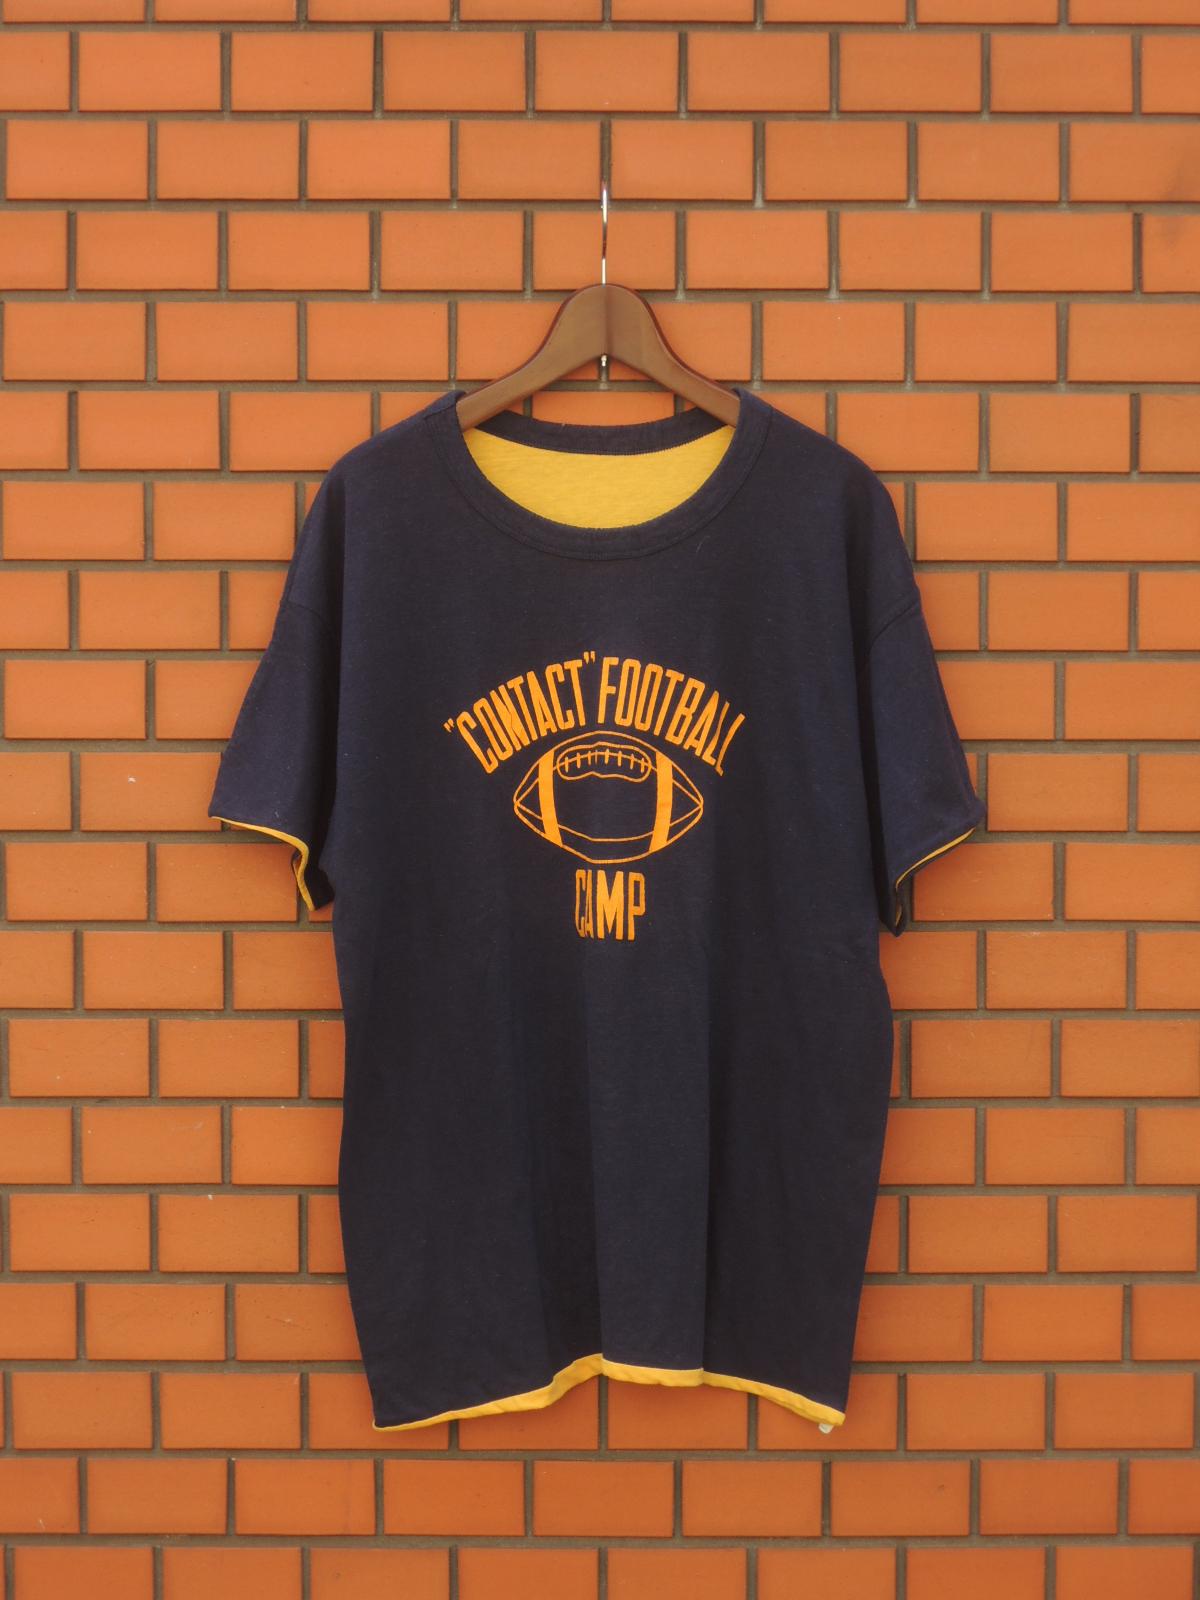 reversibletshirts01.JPG